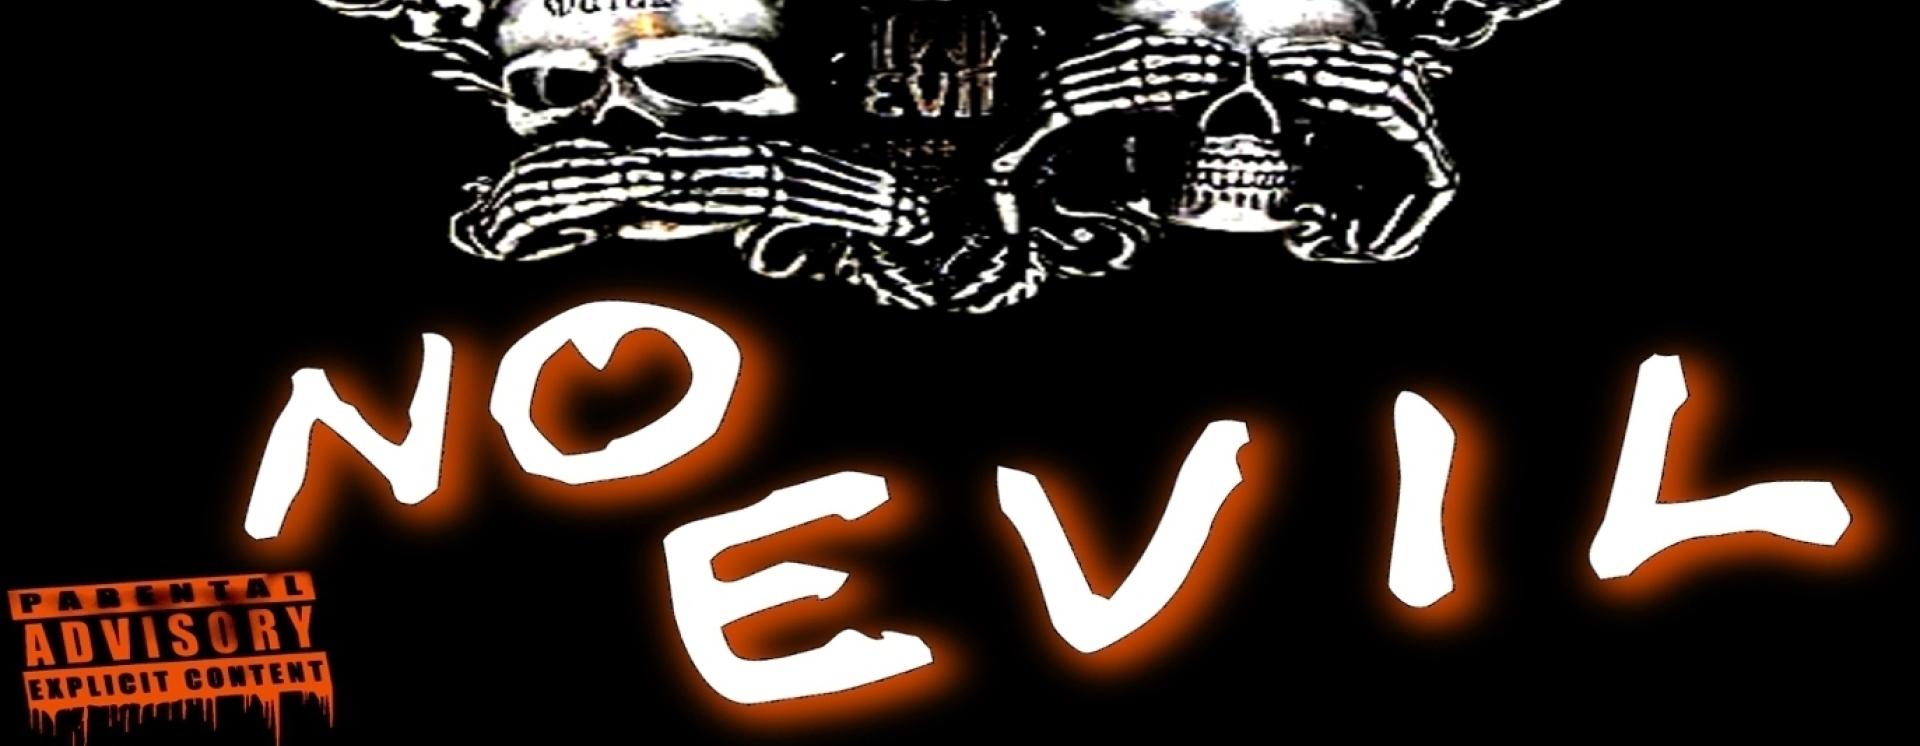 1421458497 sop no evil reverb copy